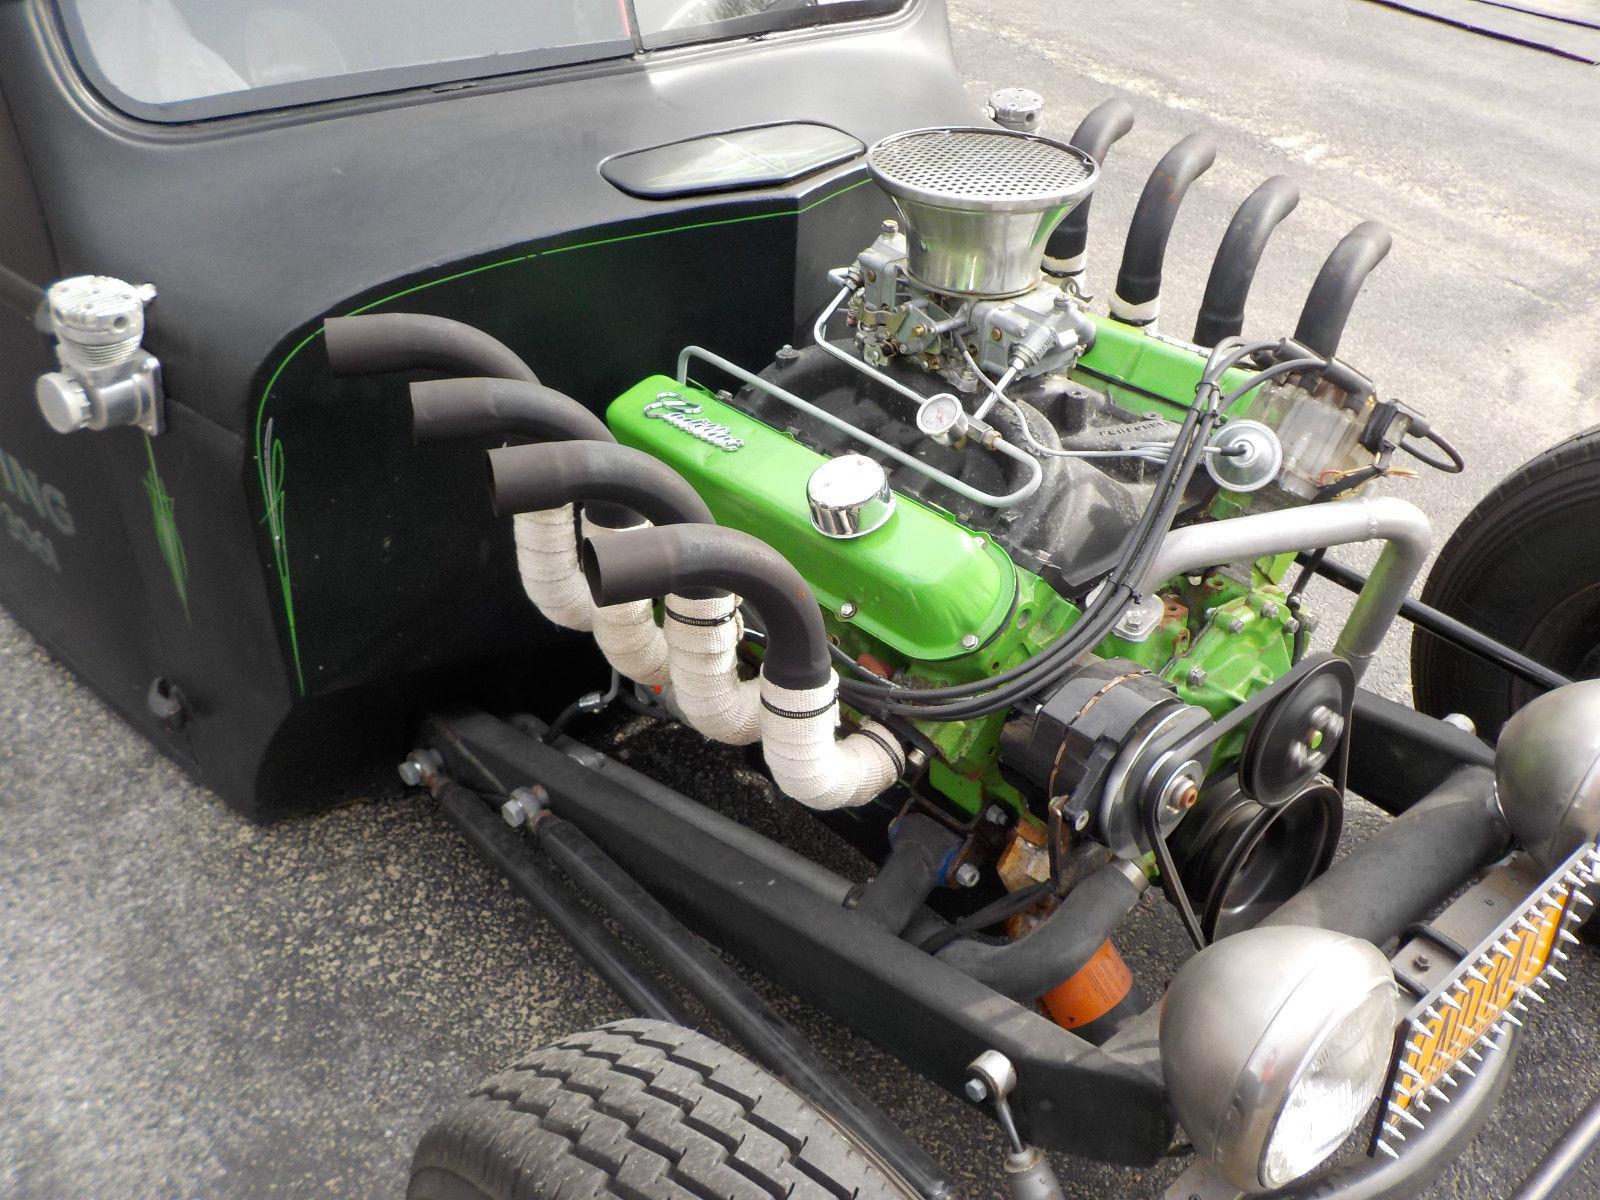 Cars For Sale Albany Ny >> Cadillac Engine - 1946 International Rat Rod (Albany, NY) $17k - Rat Rod Universe